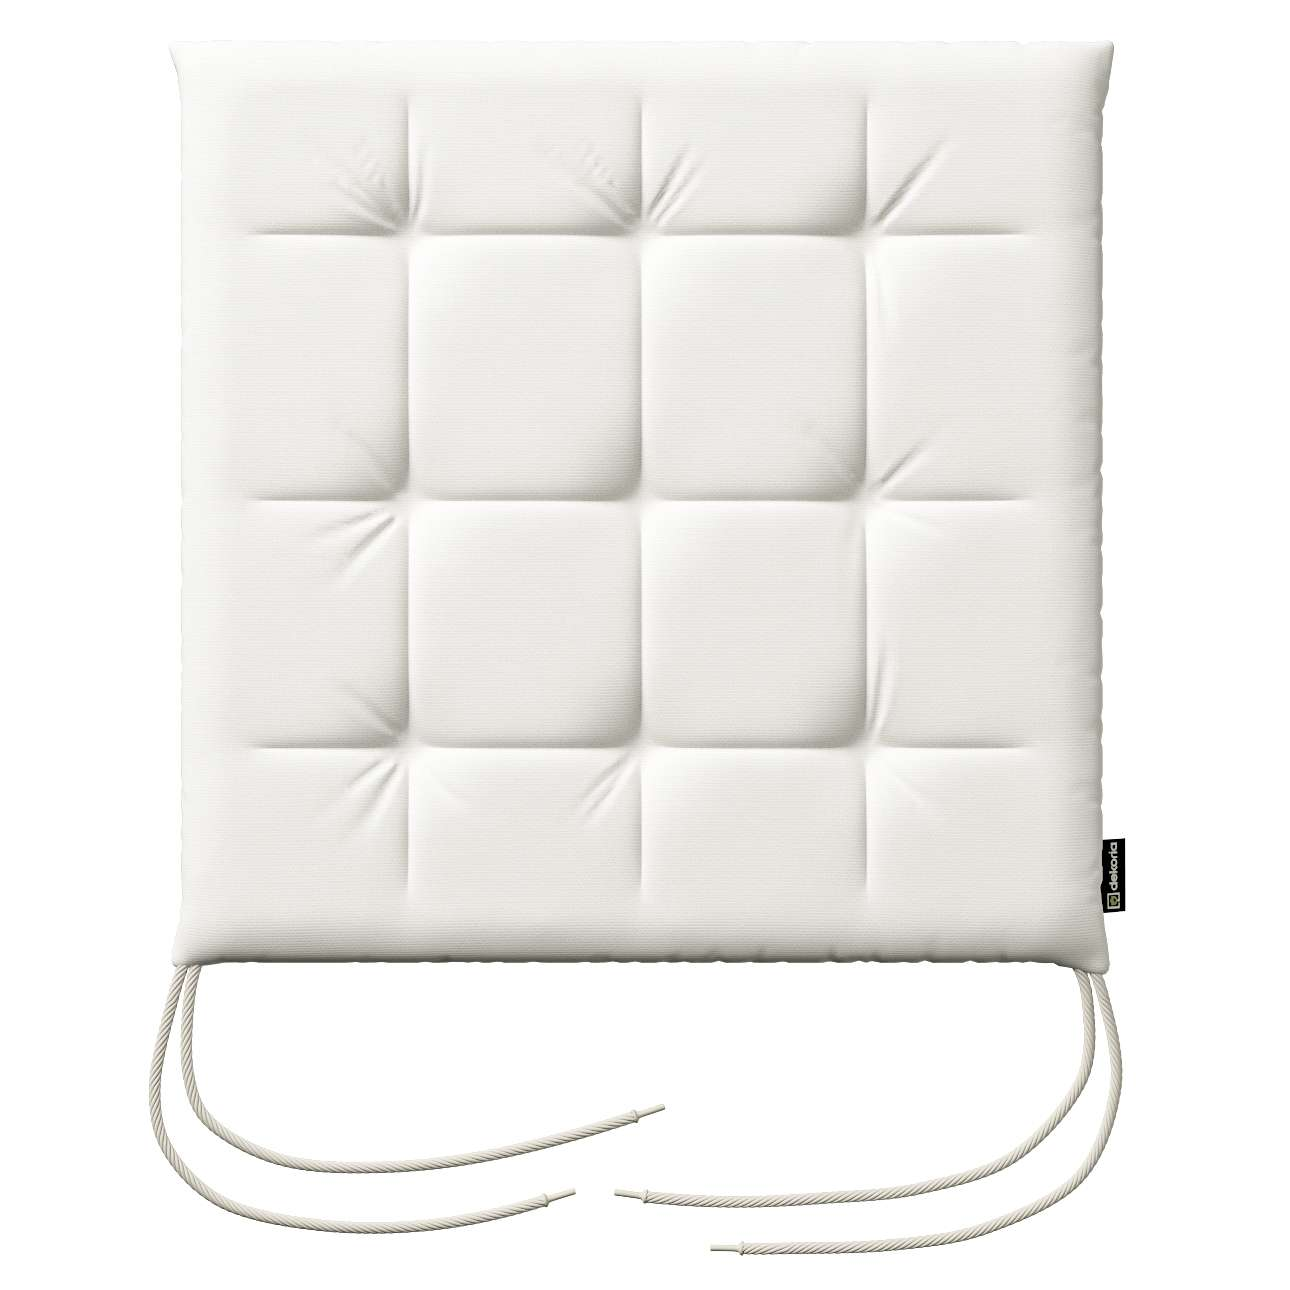 Siedzisko Karol na krzesło 40x40x3,5cm w kolekcji Cotton Panama, tkanina: 702-34